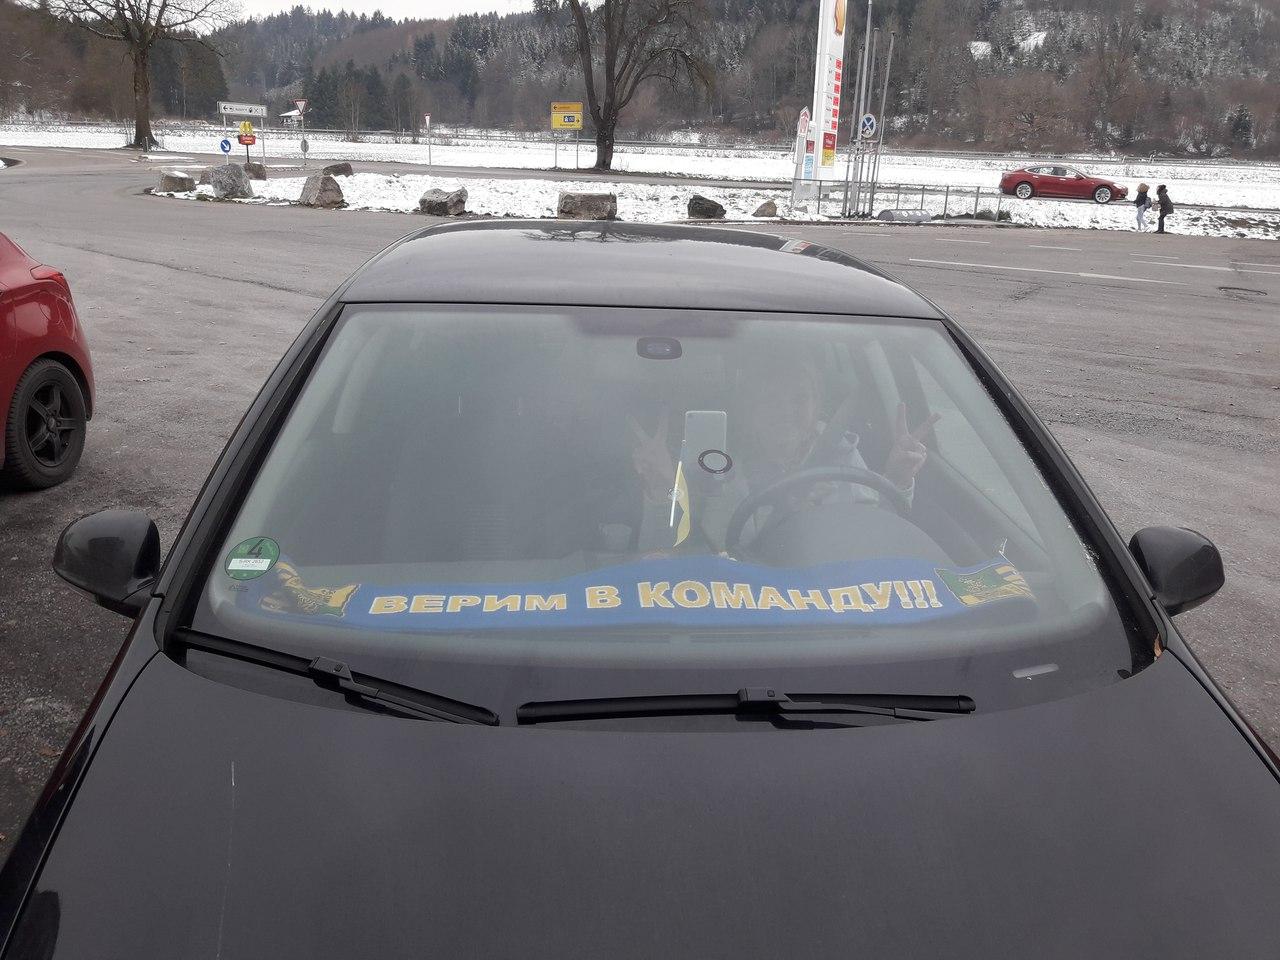 шарф верим в команду под лобовым стеклом машины